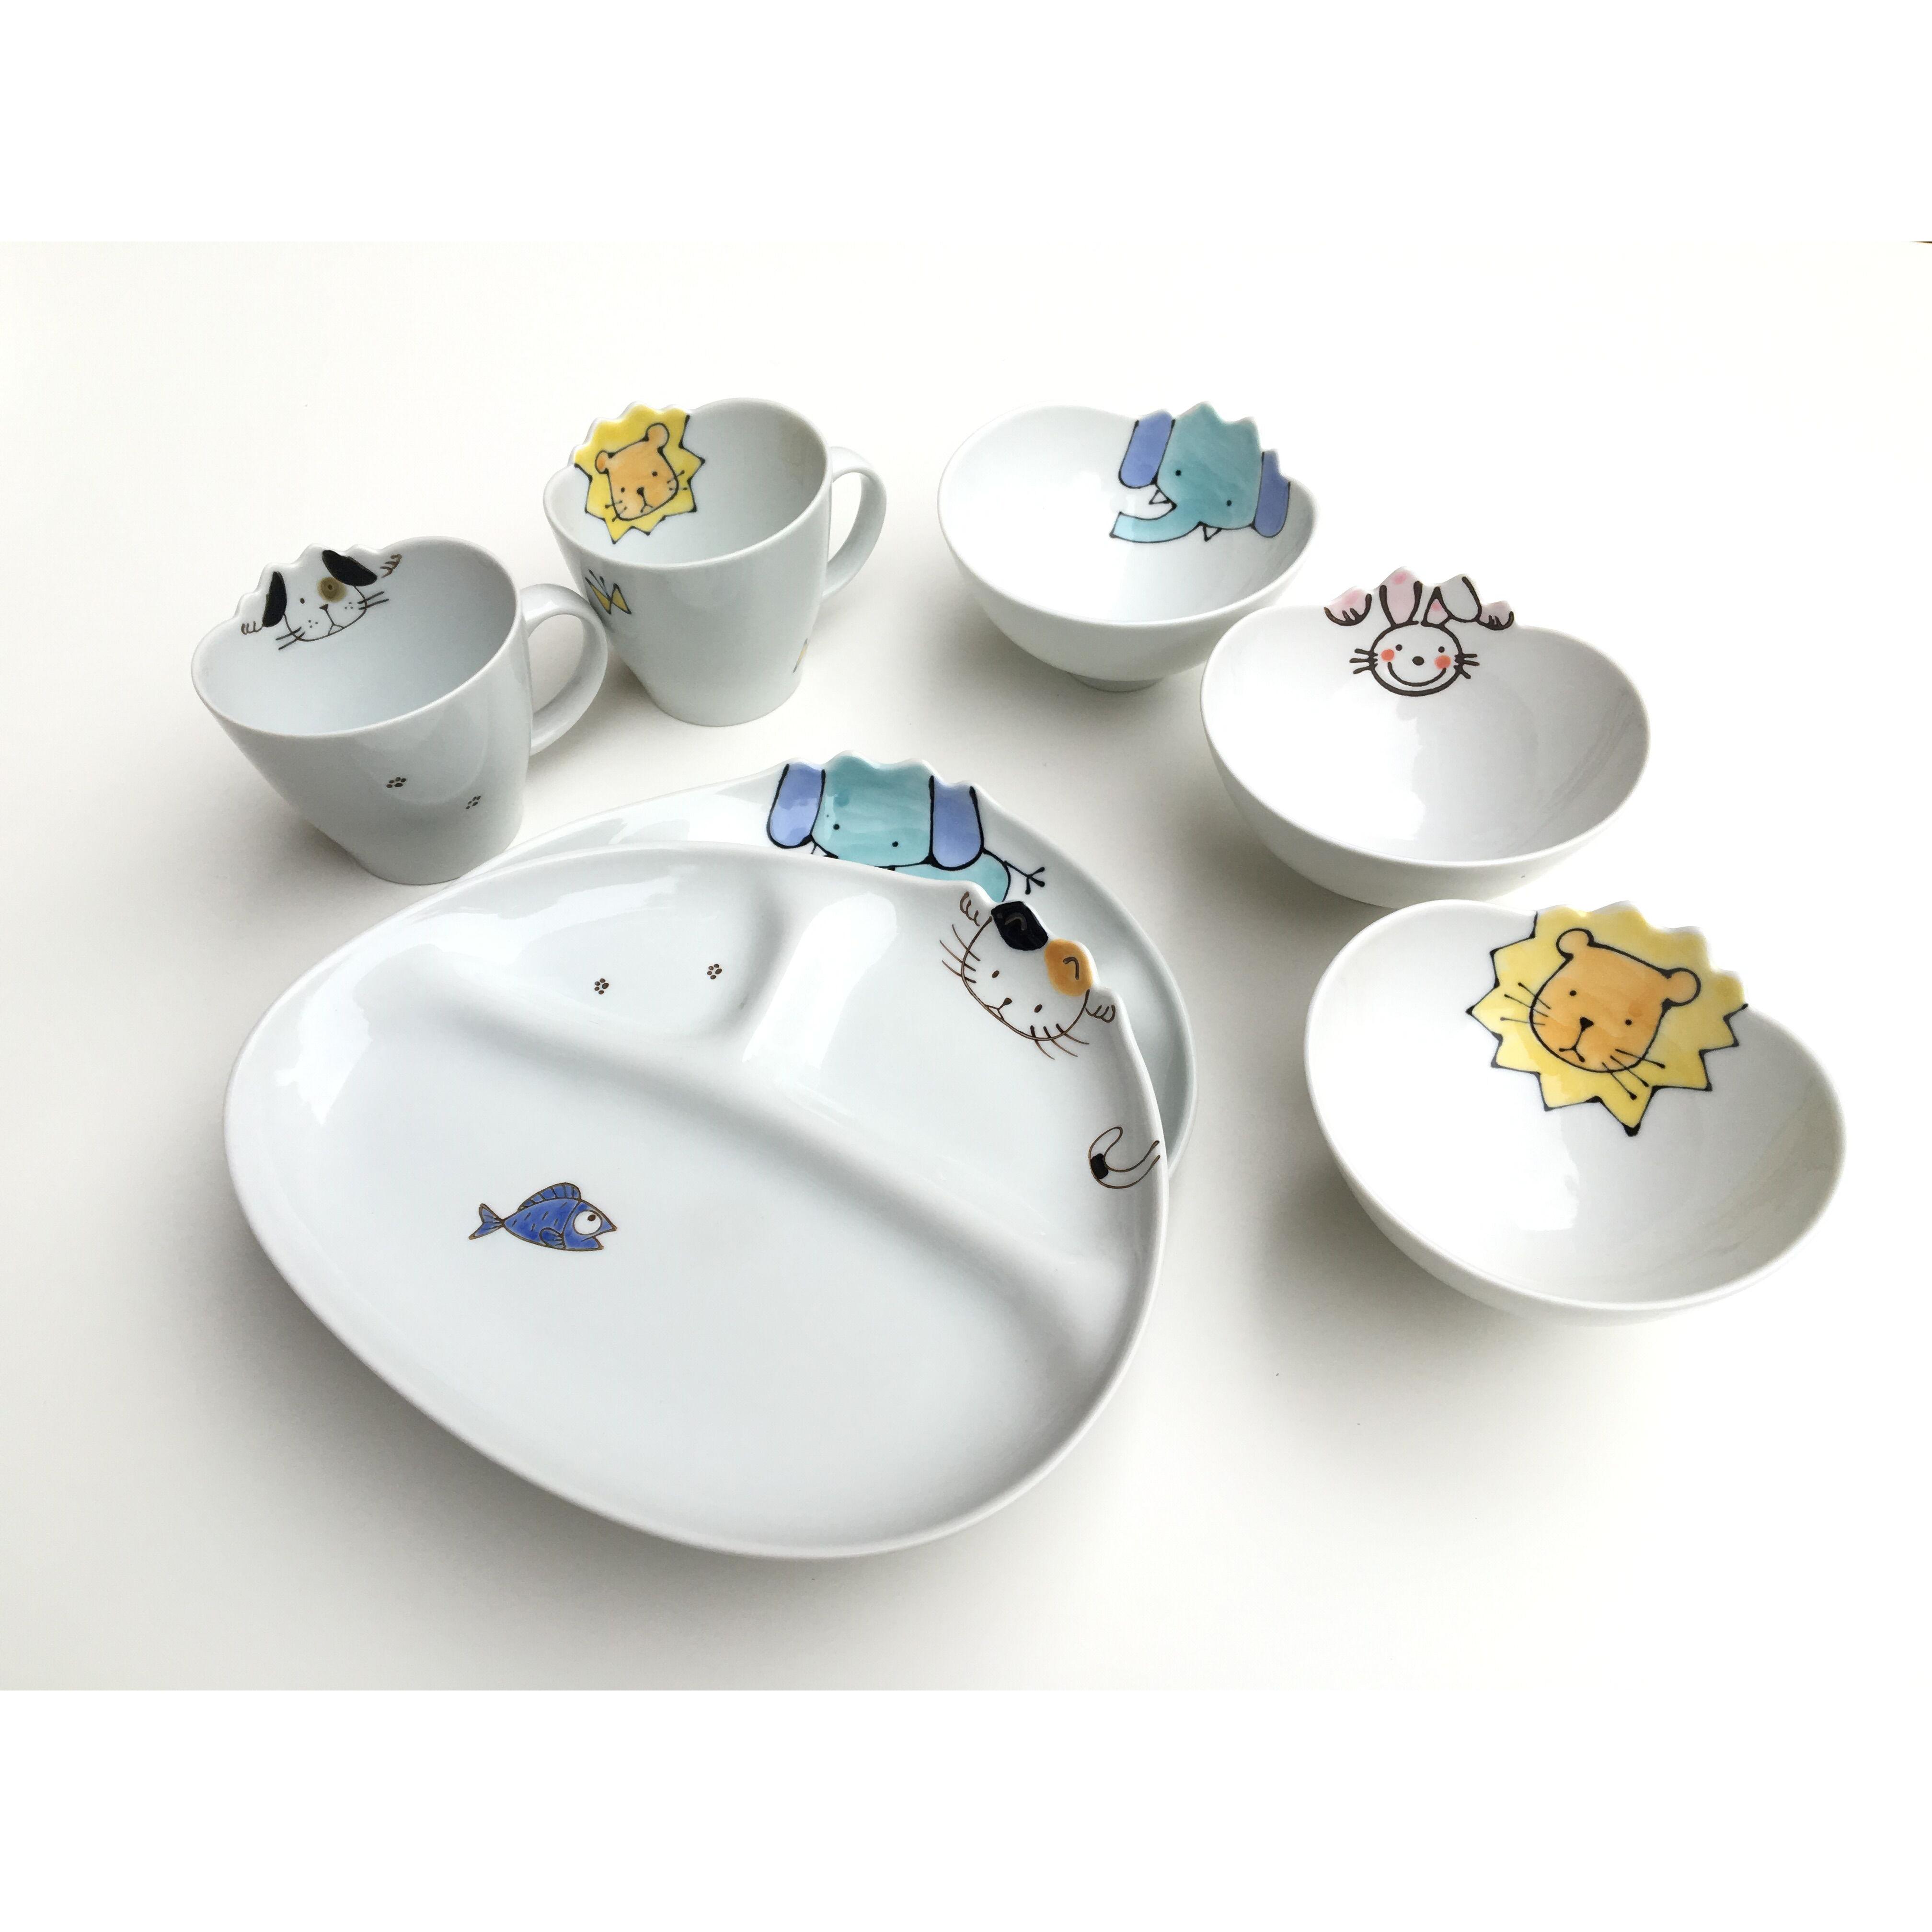 日本進口 Zakka 動物系列陶瓷兒童餐具分餐盤 碗馬克杯